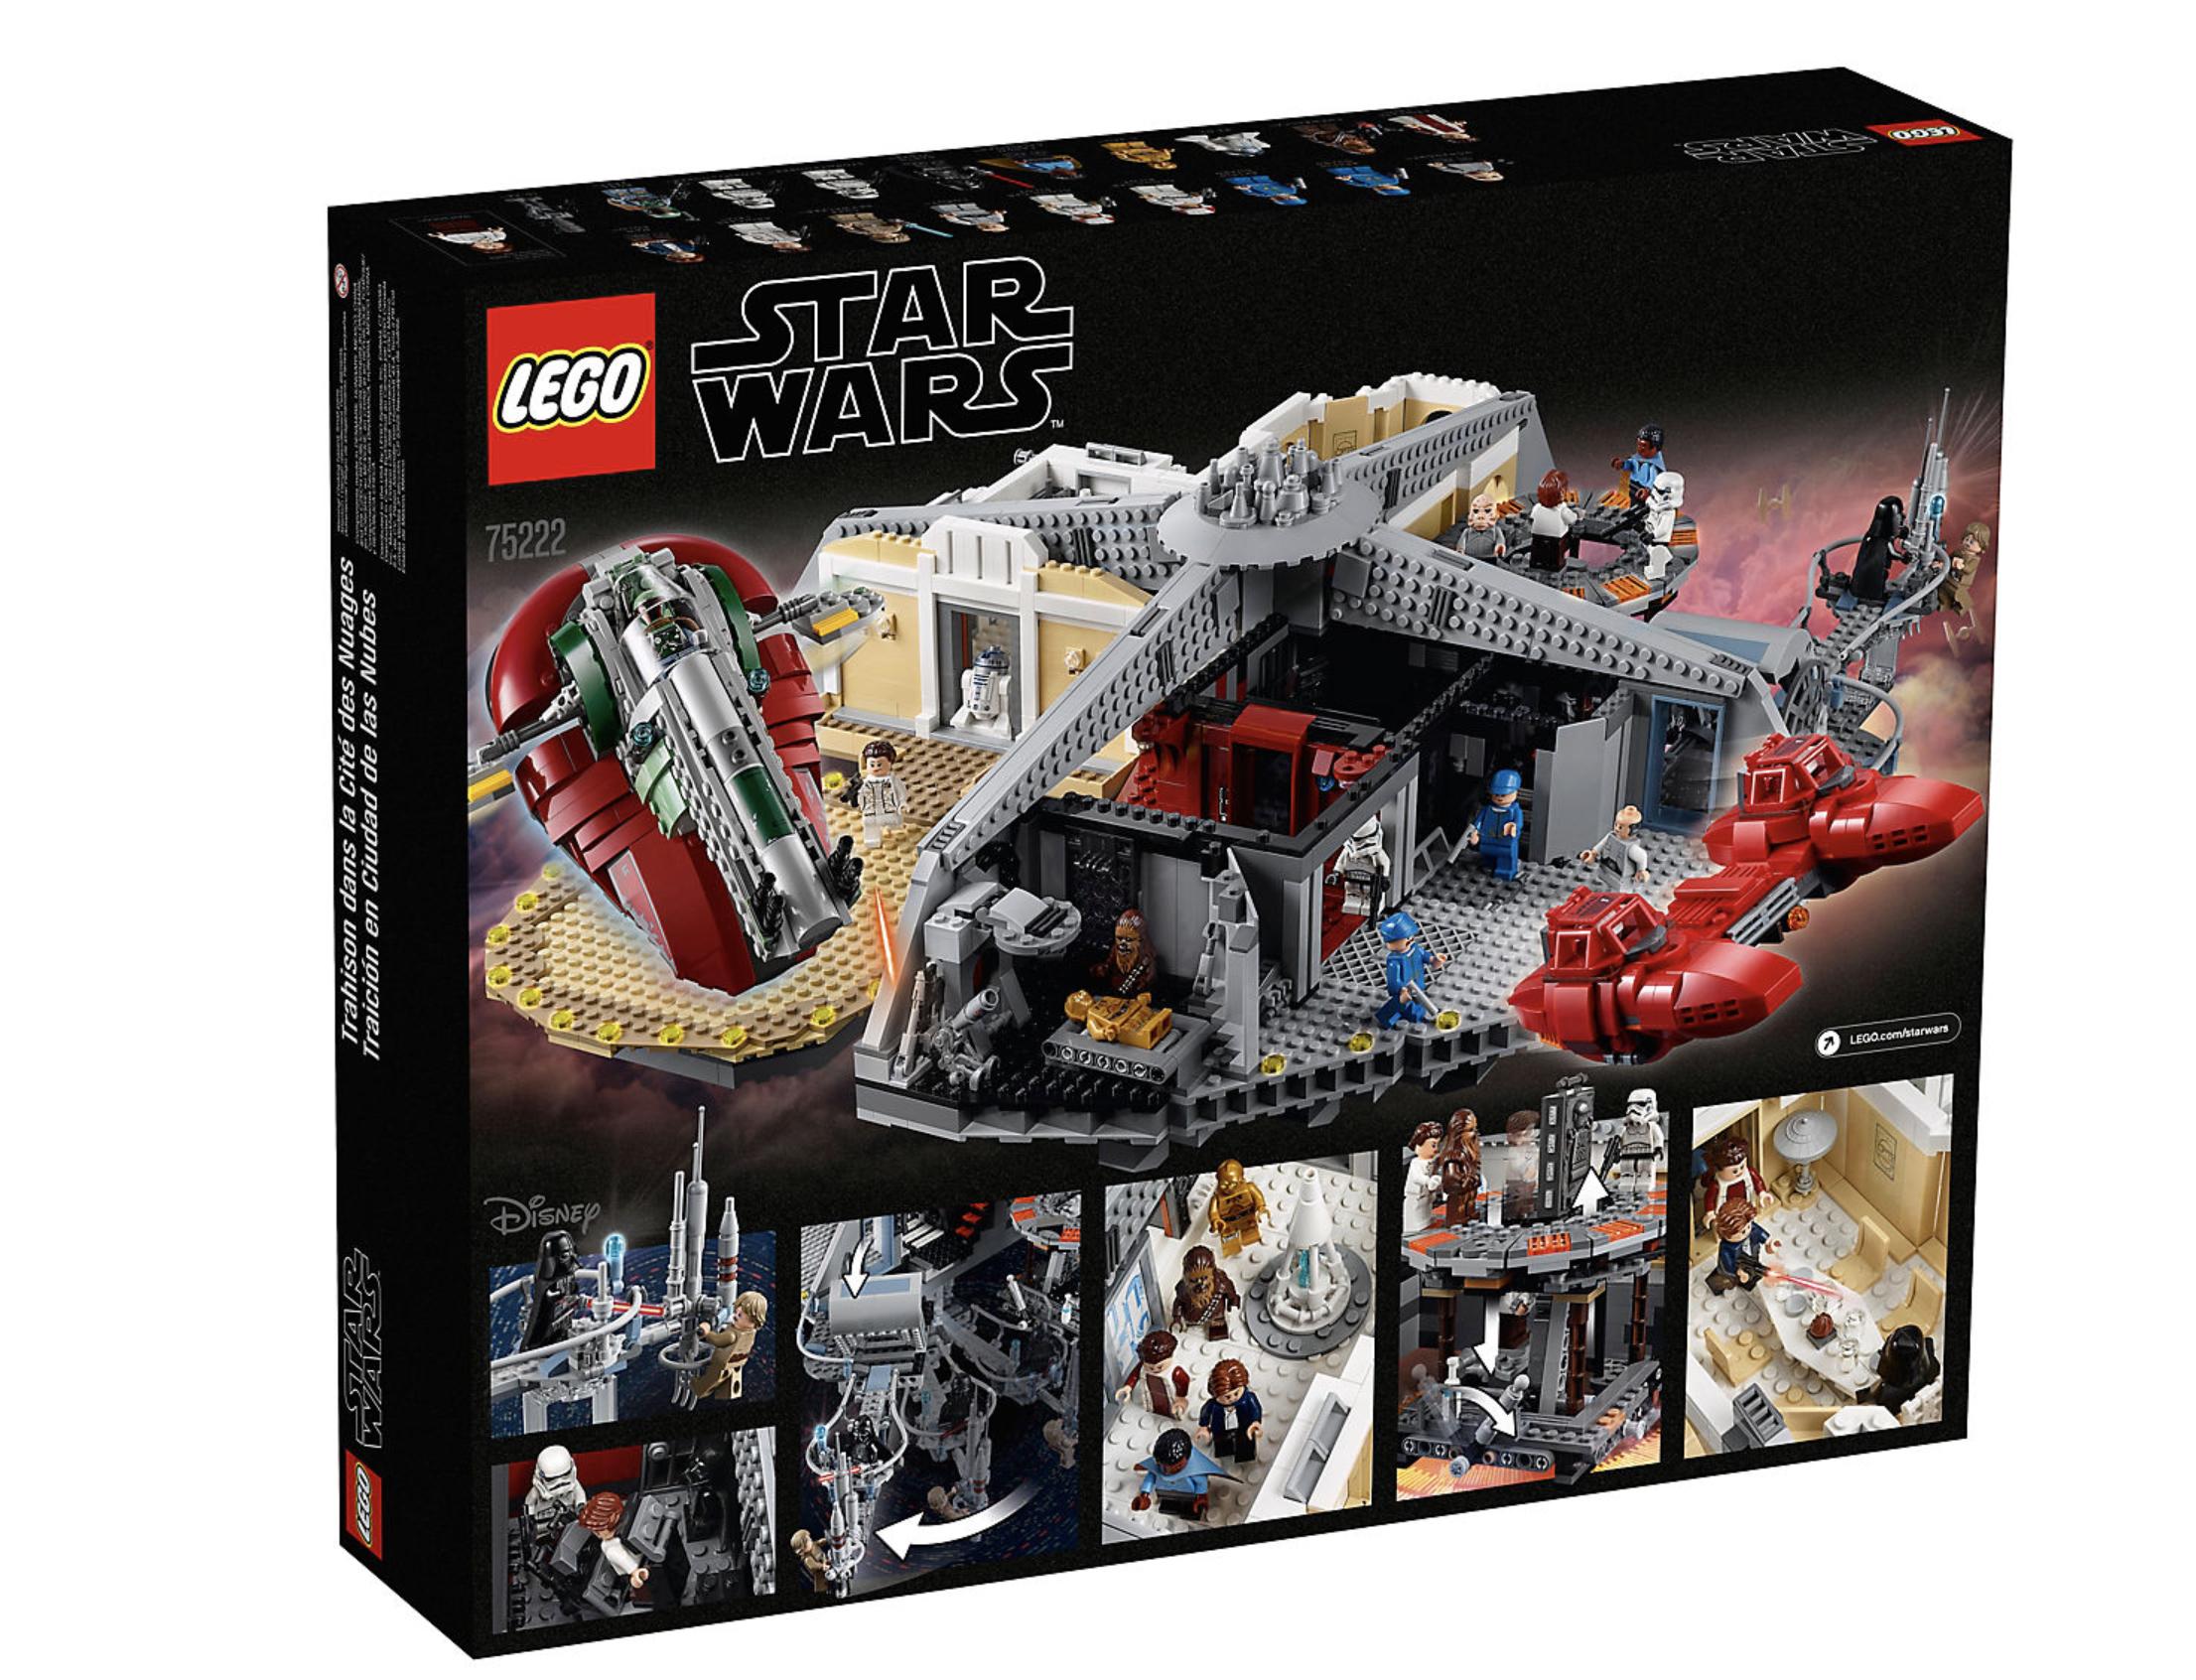 Darth Vader minifigure from set 75222 Betrayal at Cloud City Lego Star Wars